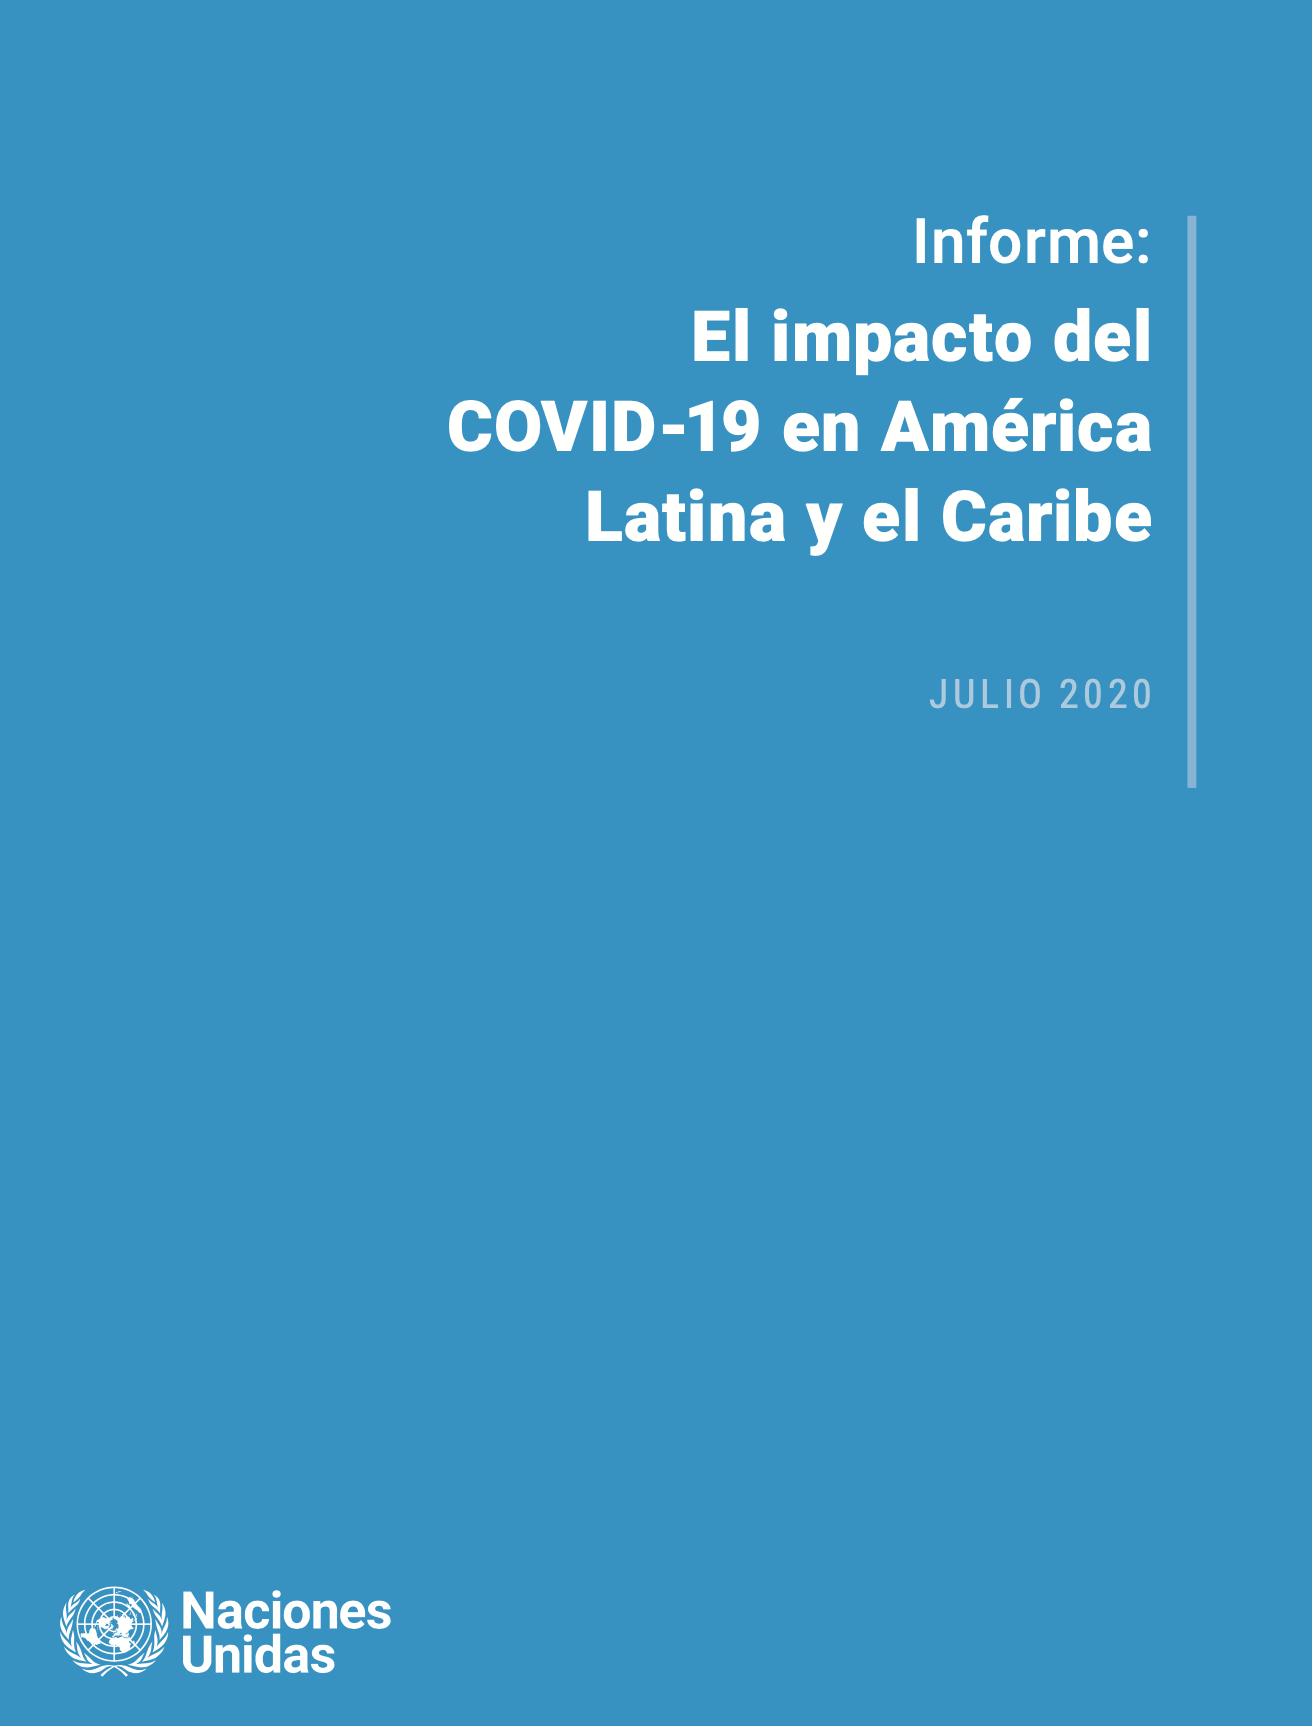 El impacto del COVID-19 en América Latina